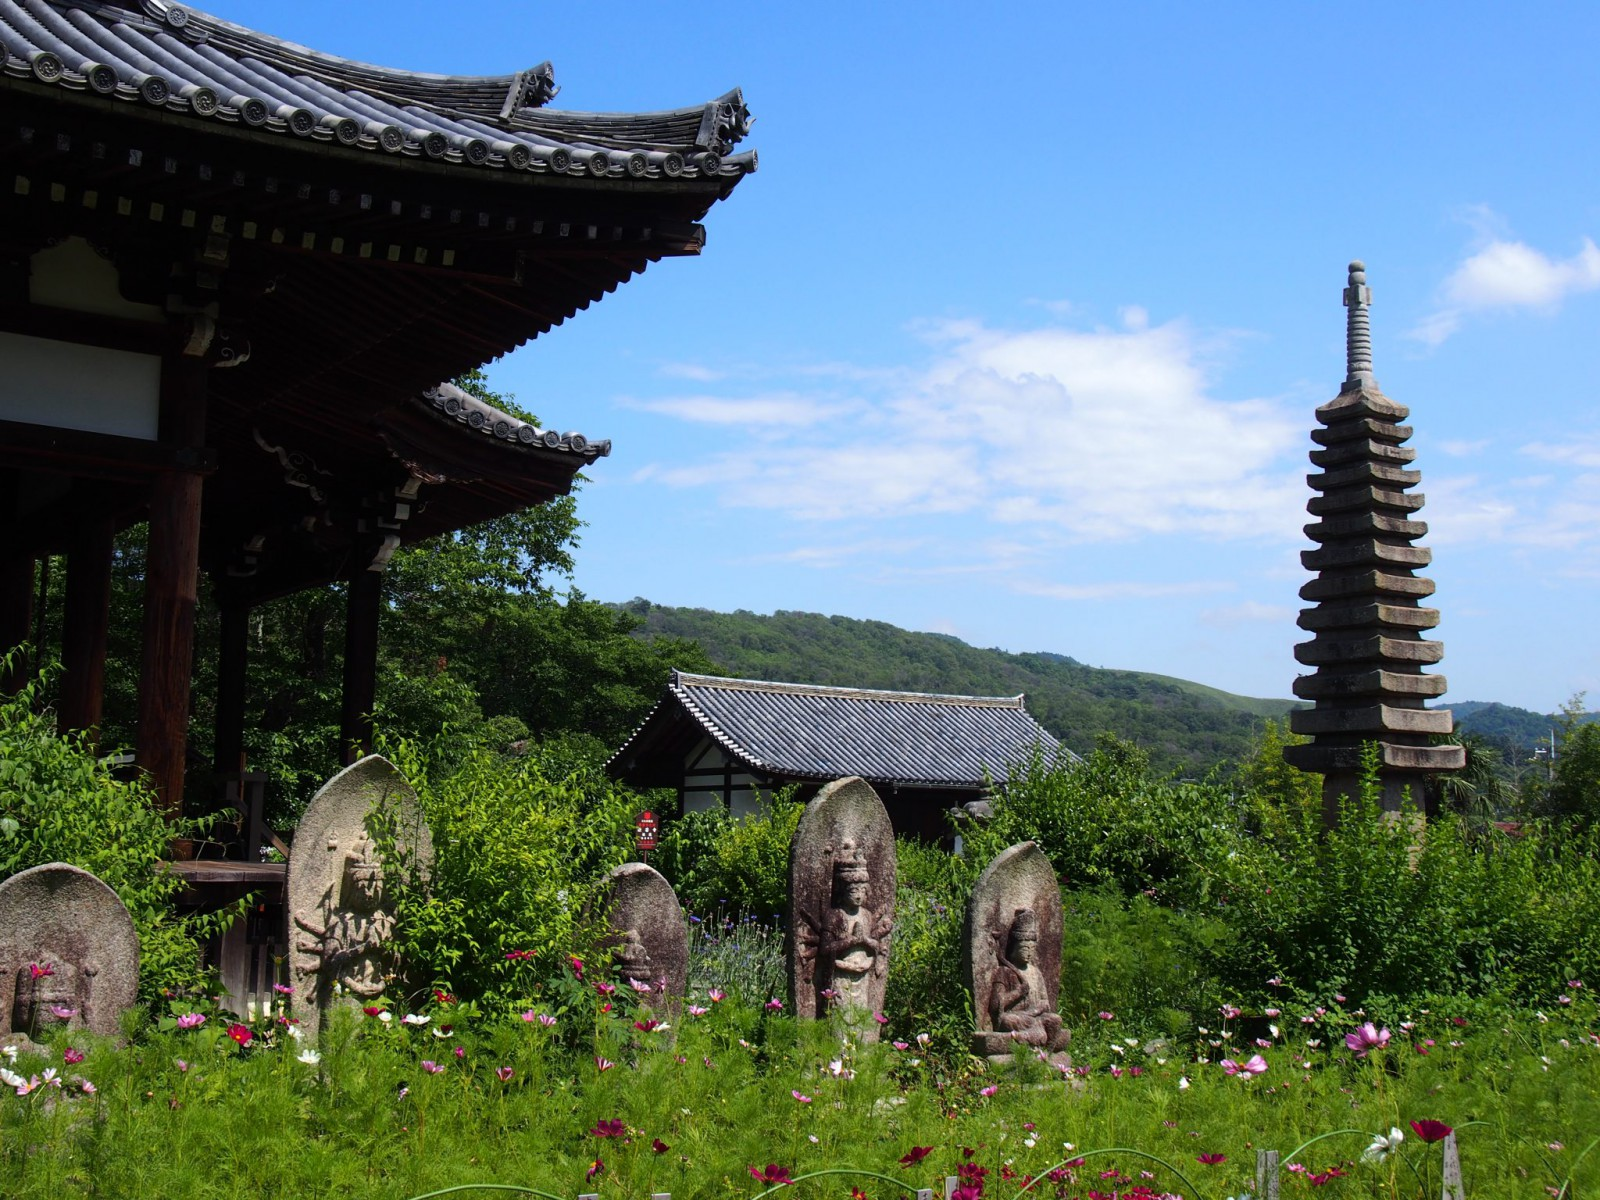 般若寺の初夏